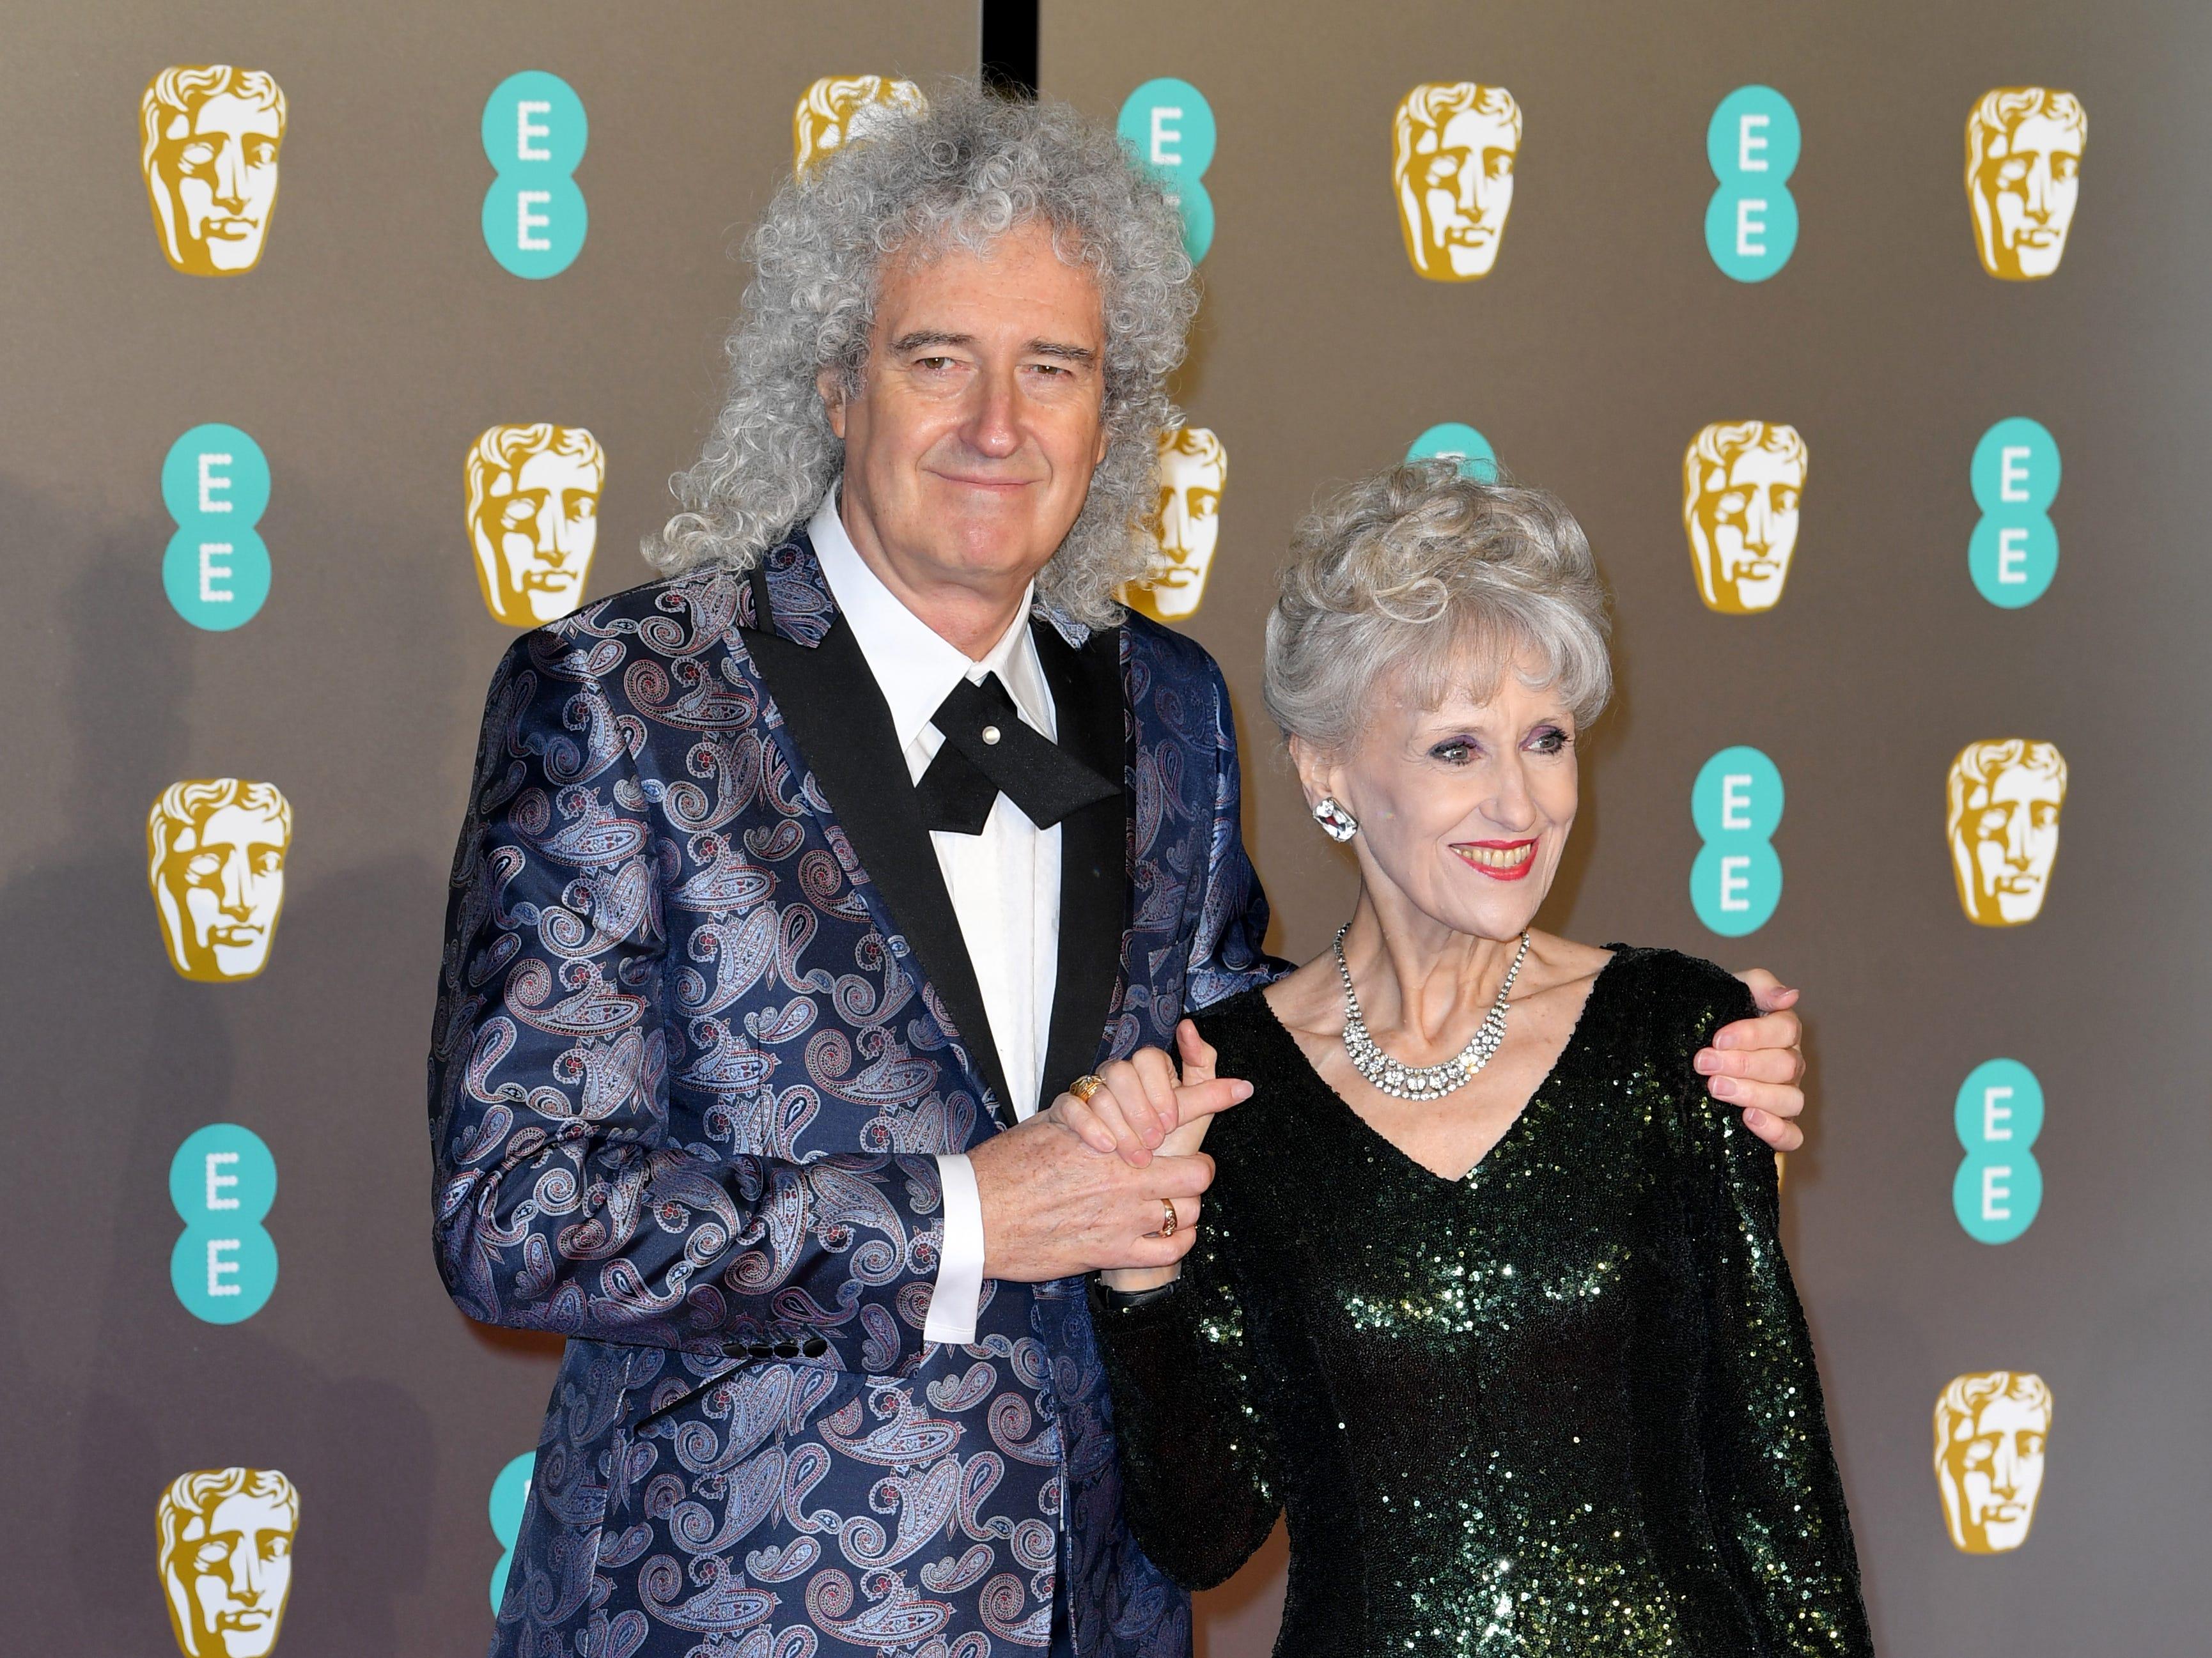 Brian May (izq) y Anita Dobson a su llegada a la alfombra roja de los Premios de la Academia Británica de Cine BAFTA en el Royal Albert Hall en Londres el 10 de febrero de 2019.